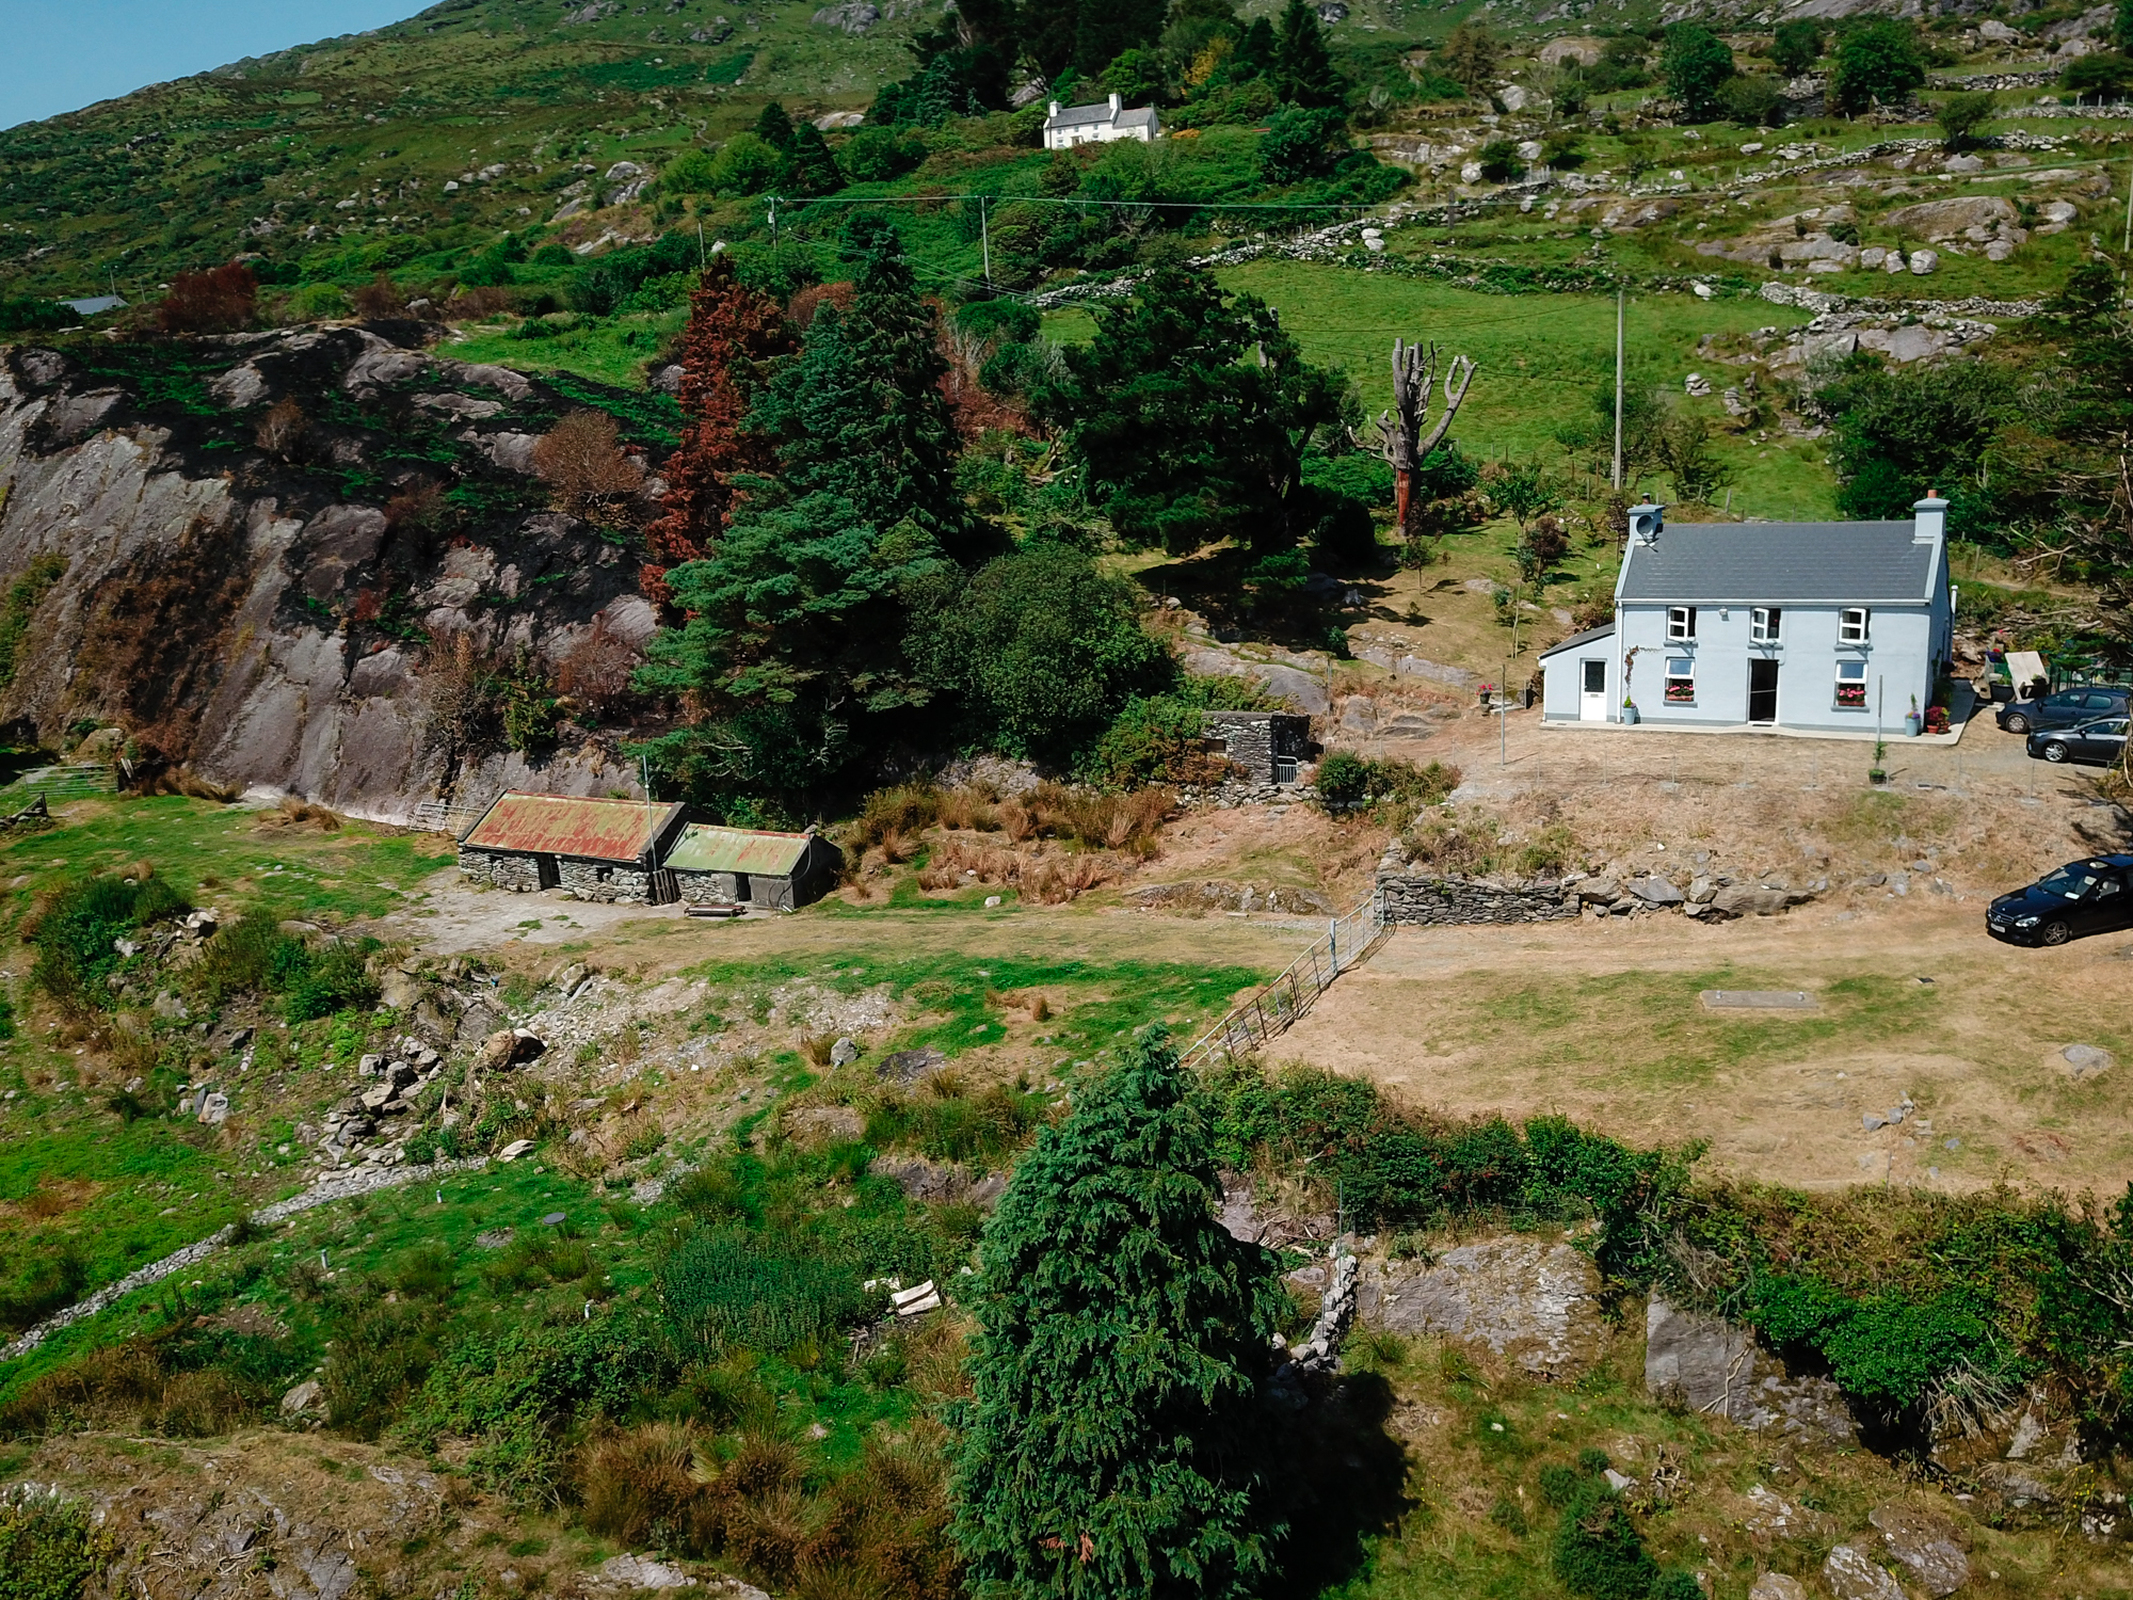 Tooreennagrena, Adrigole, Co. Cork